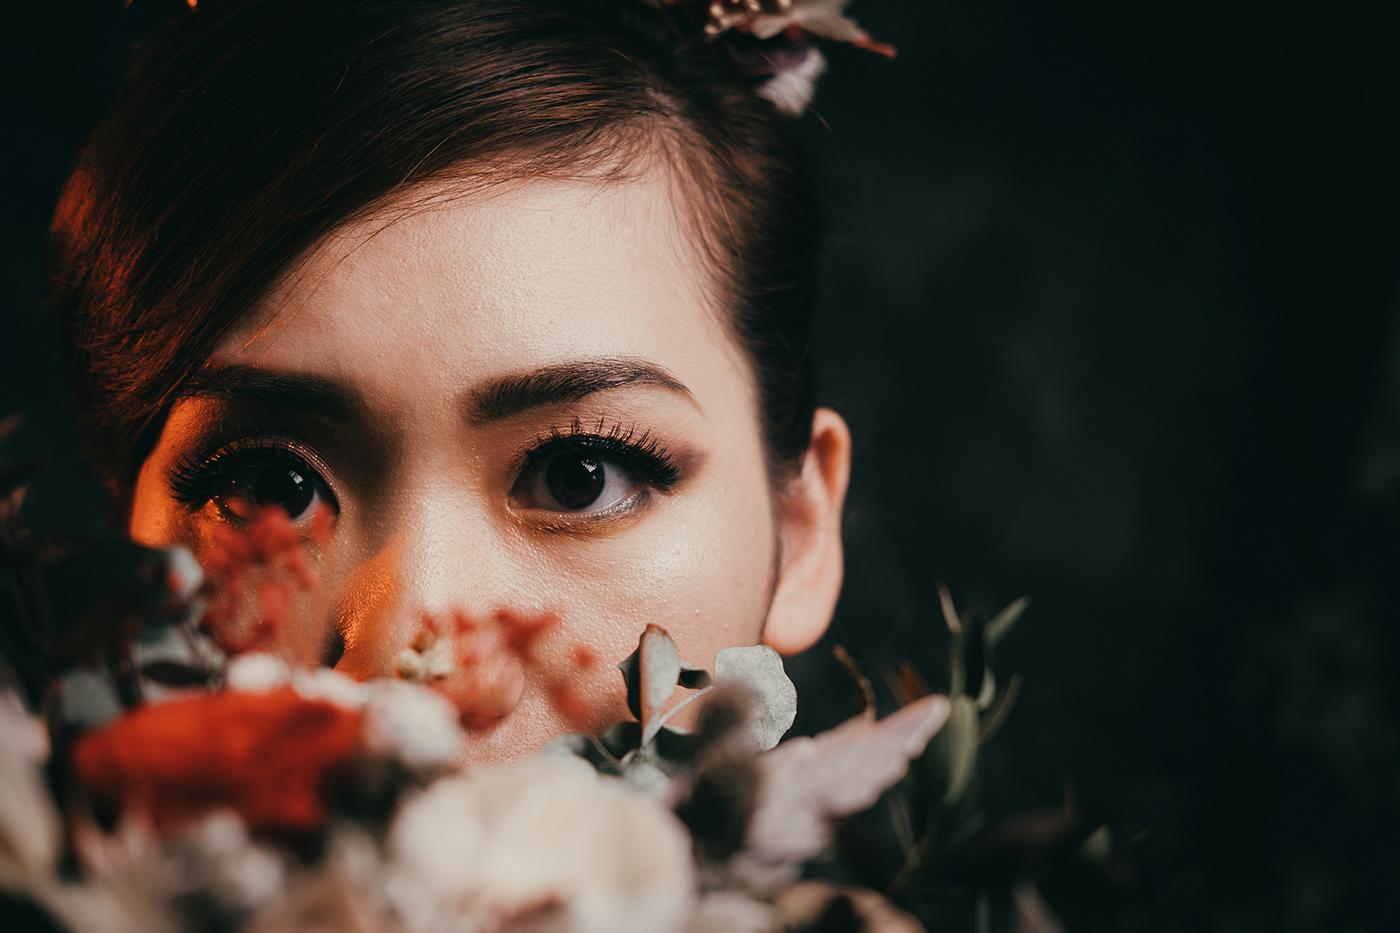 攝影 Photography  portrait 人像